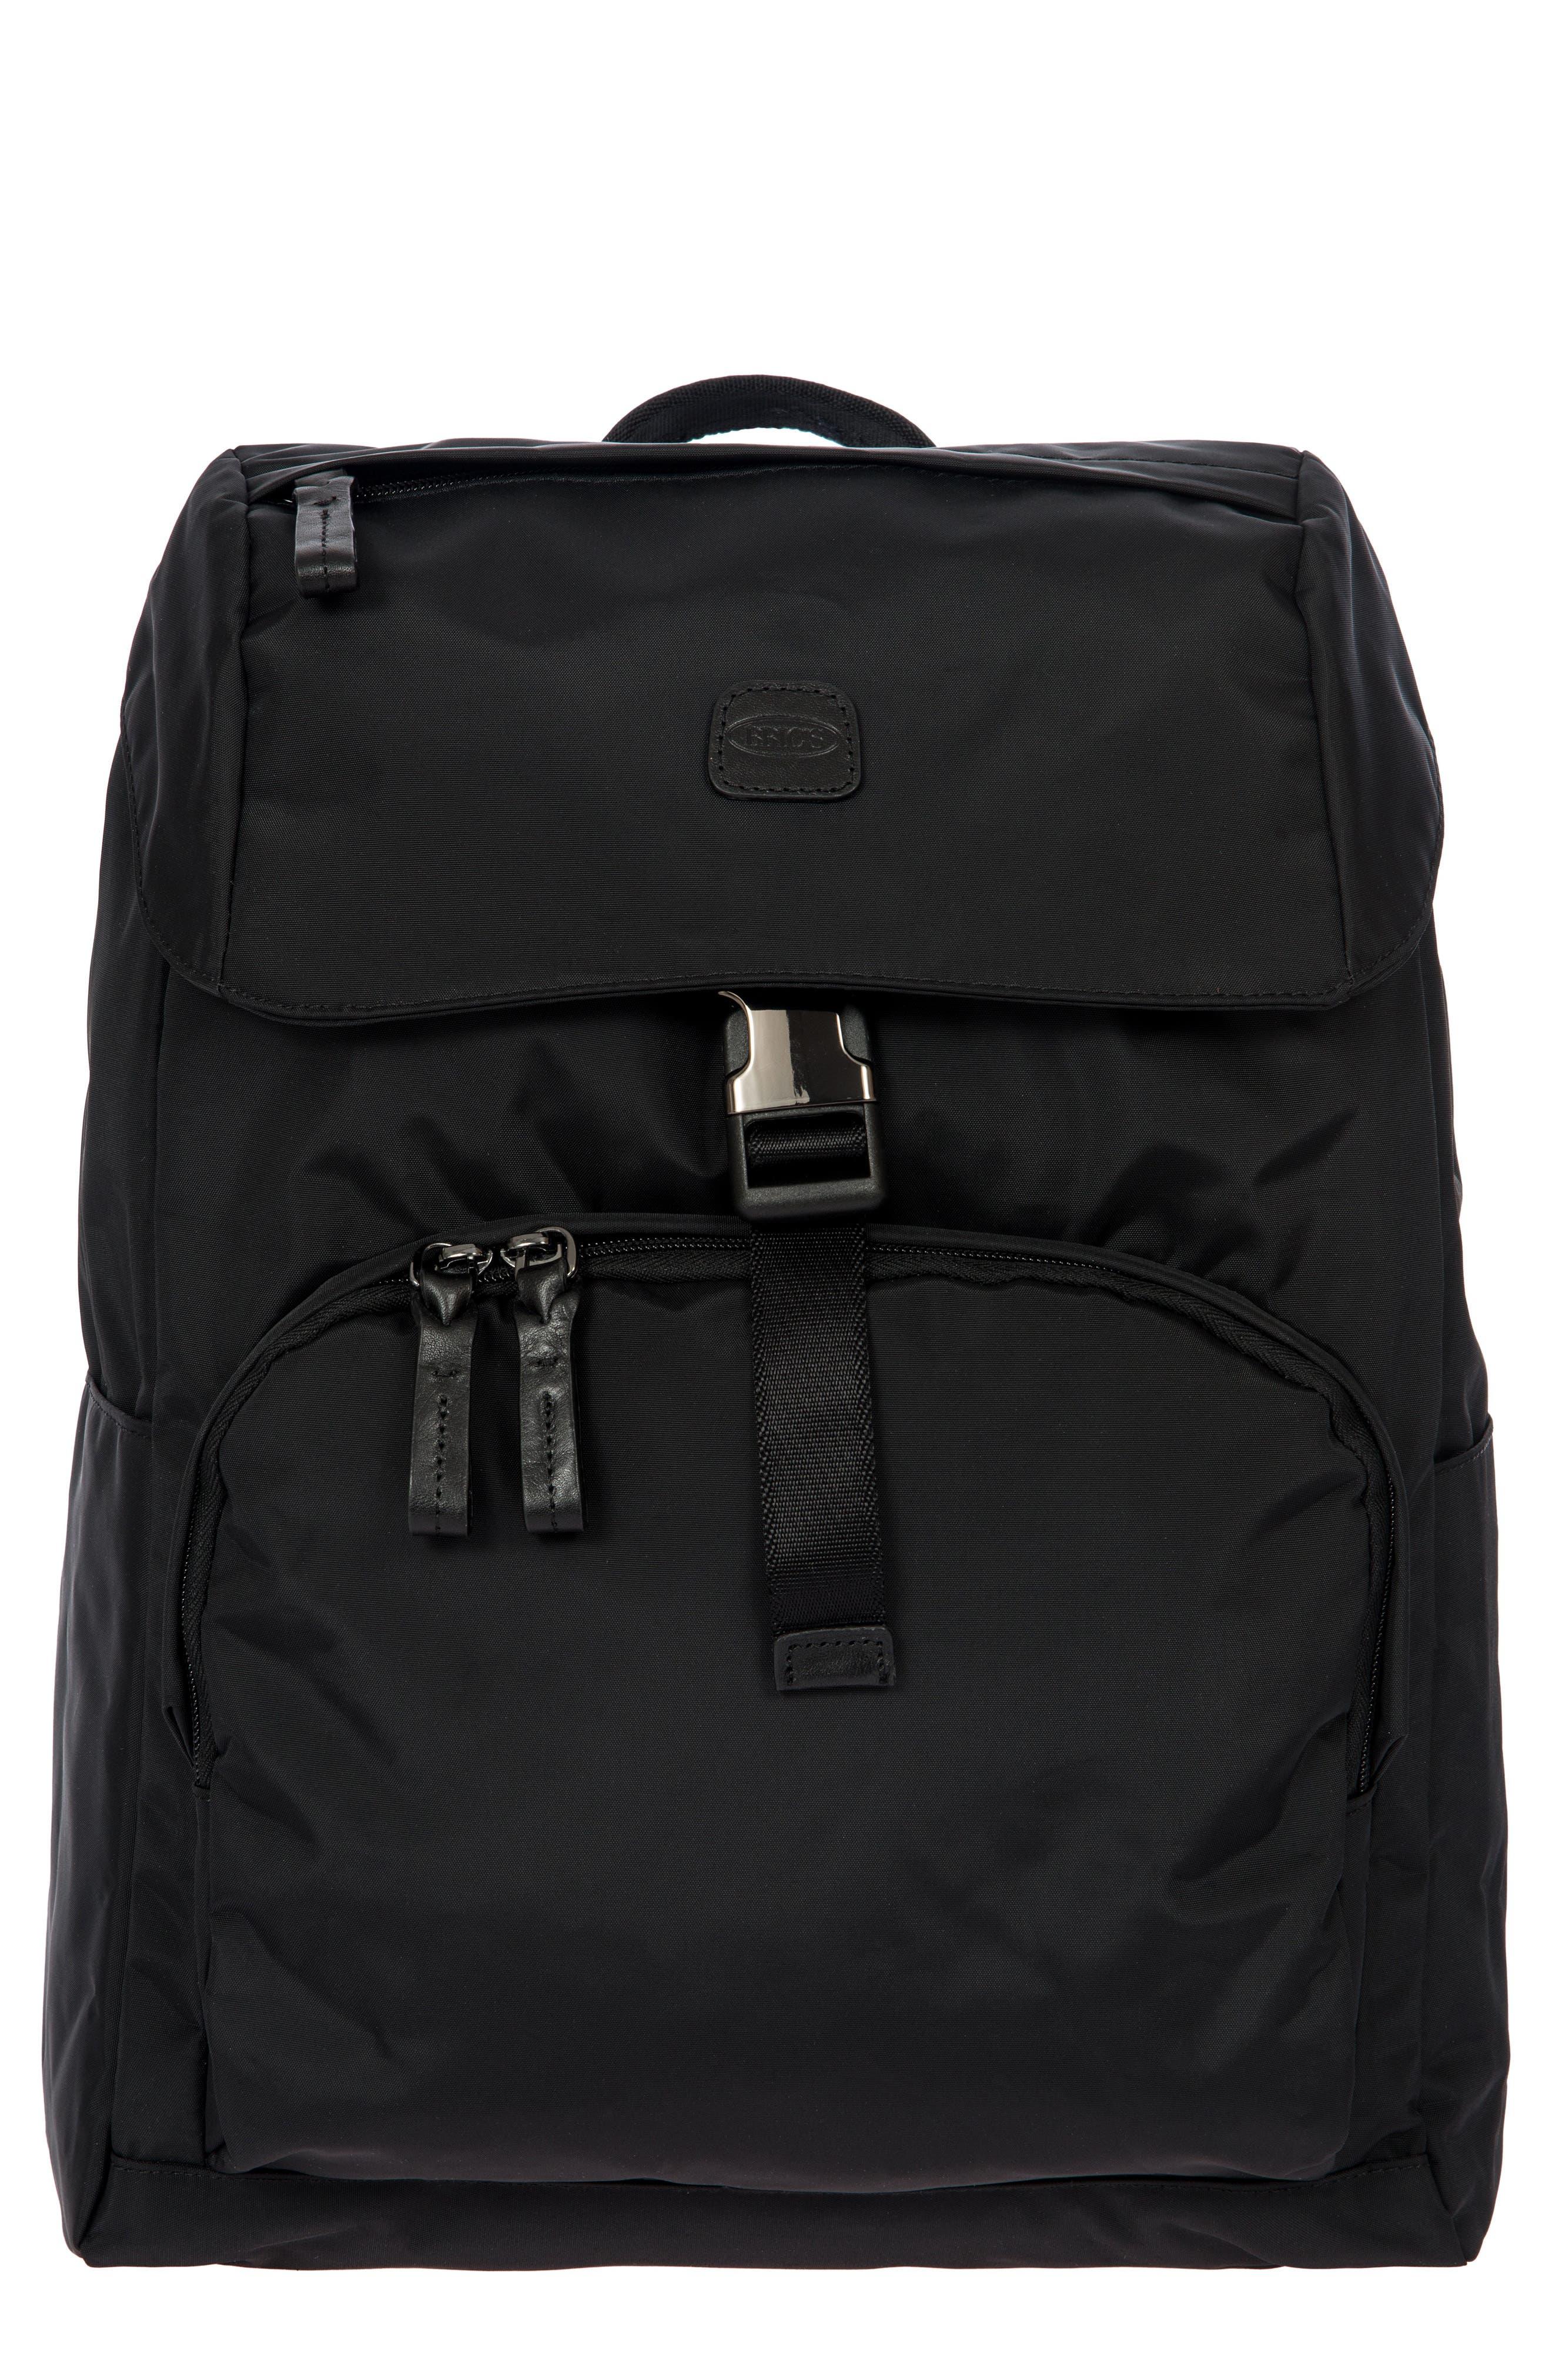 X-Bag Travel Excursion Backpack,                         Main,                         color, BLACK/ BLACK